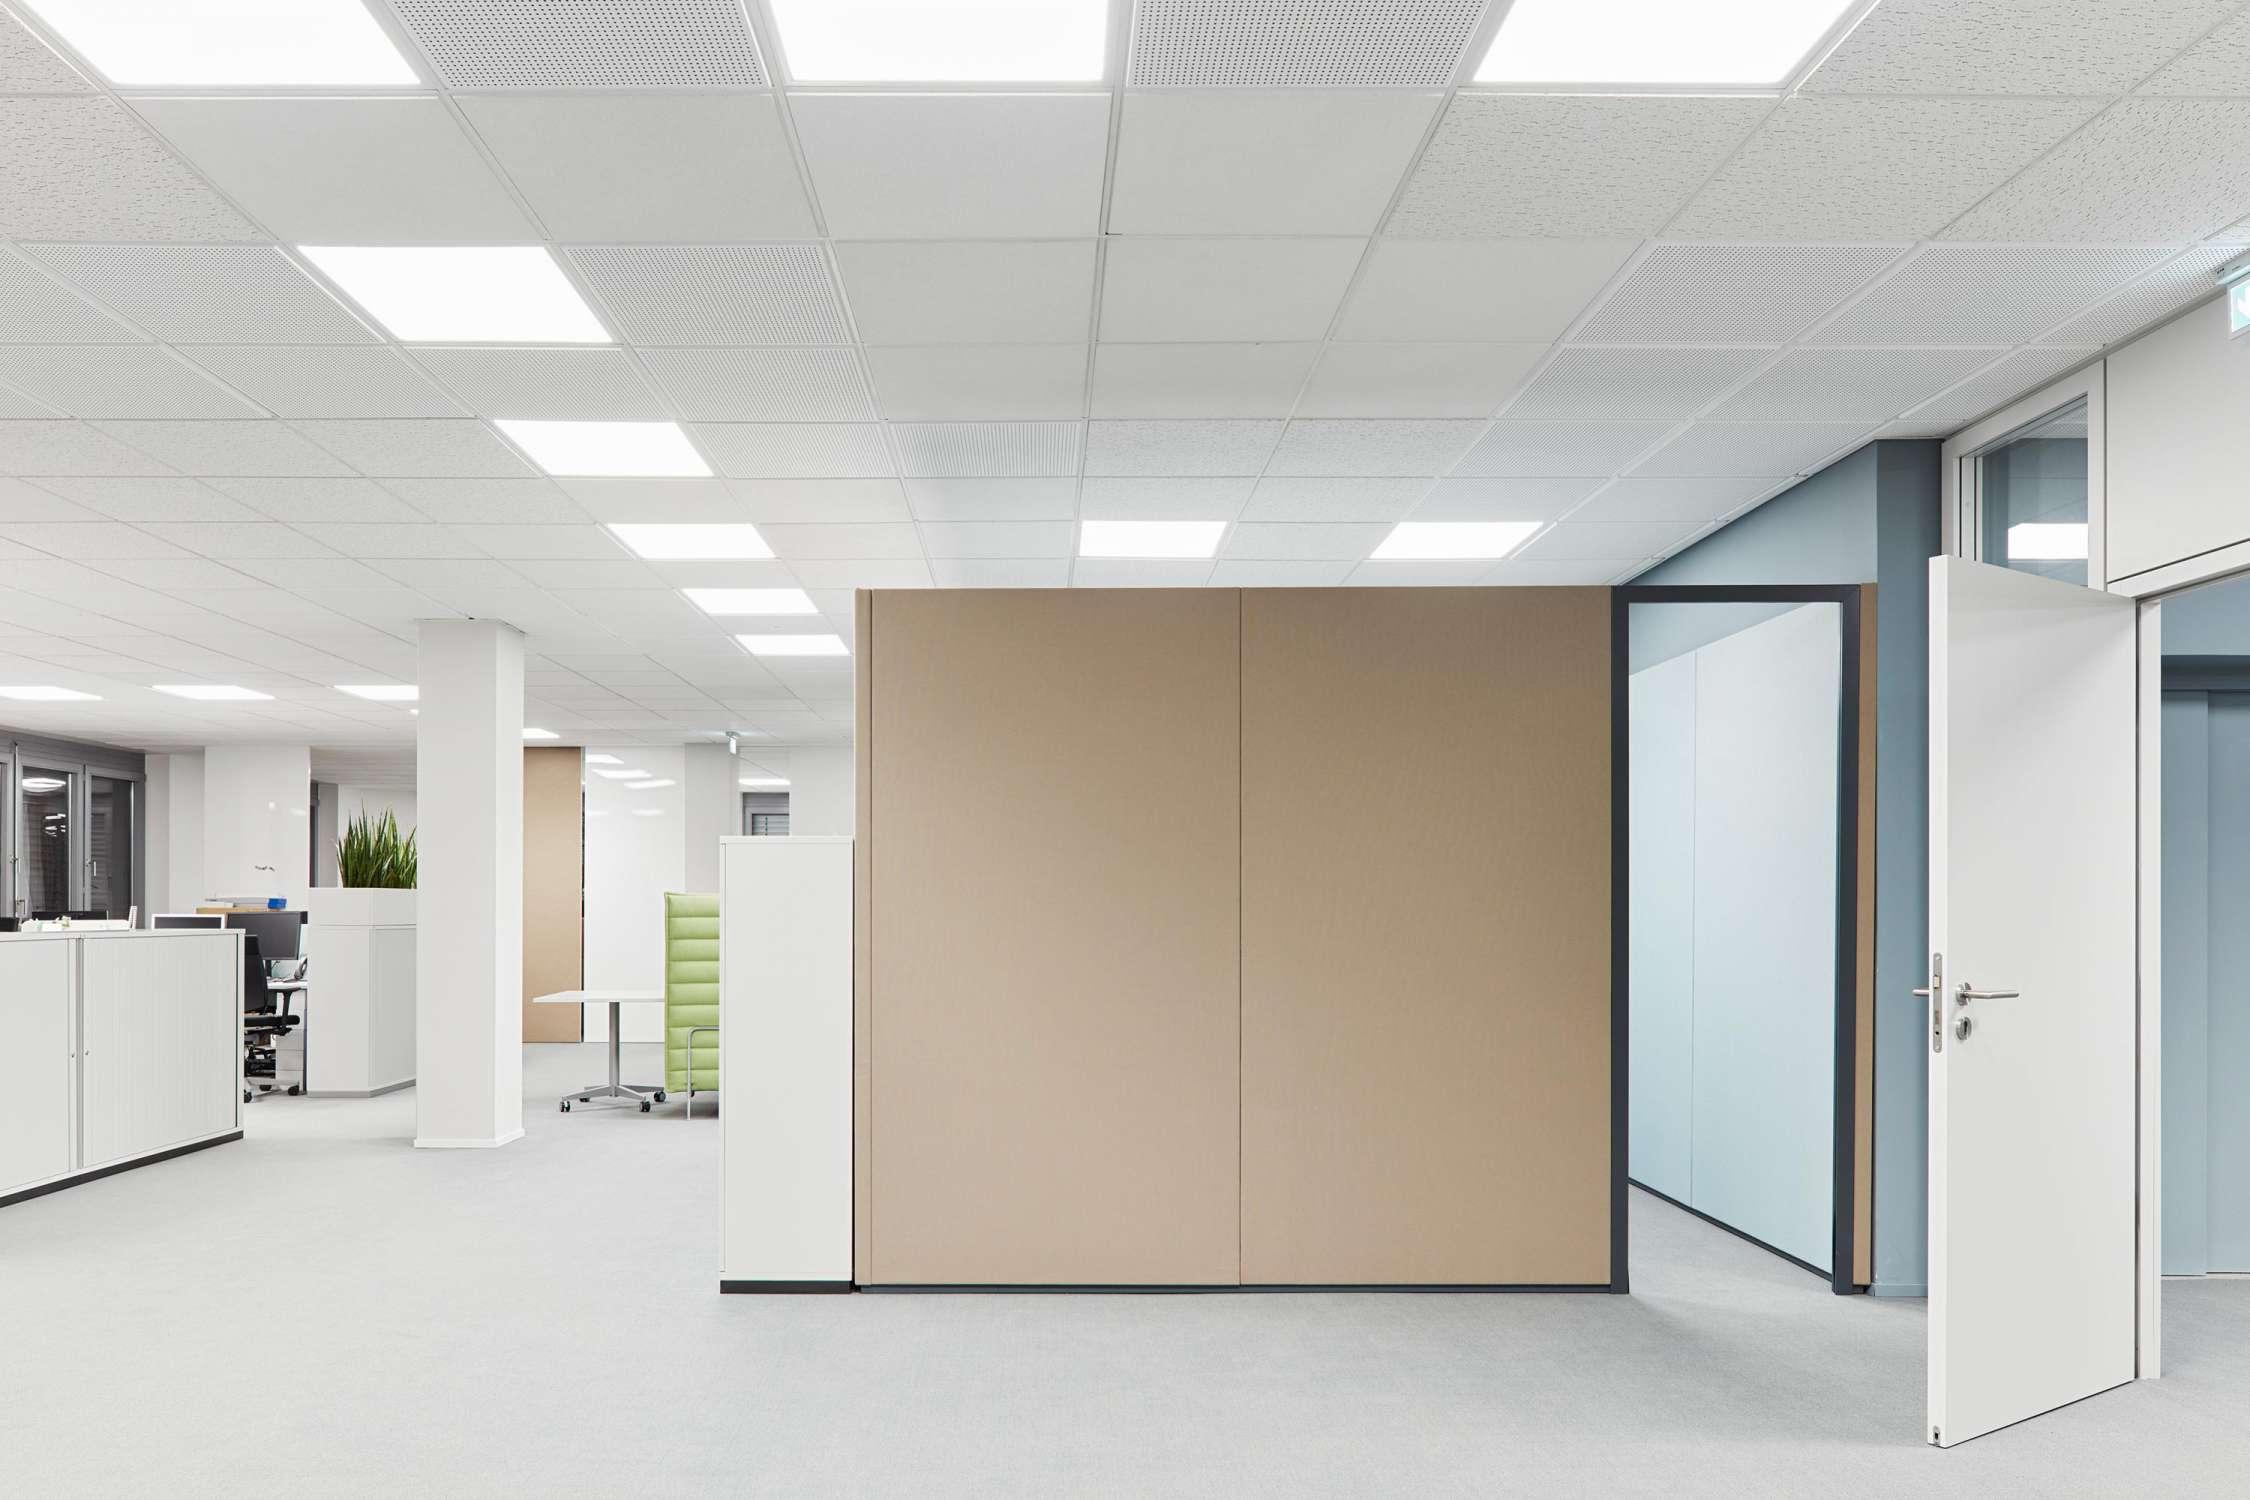 Büro- und Laborräume für Produktentwicklungsprozesse (5)